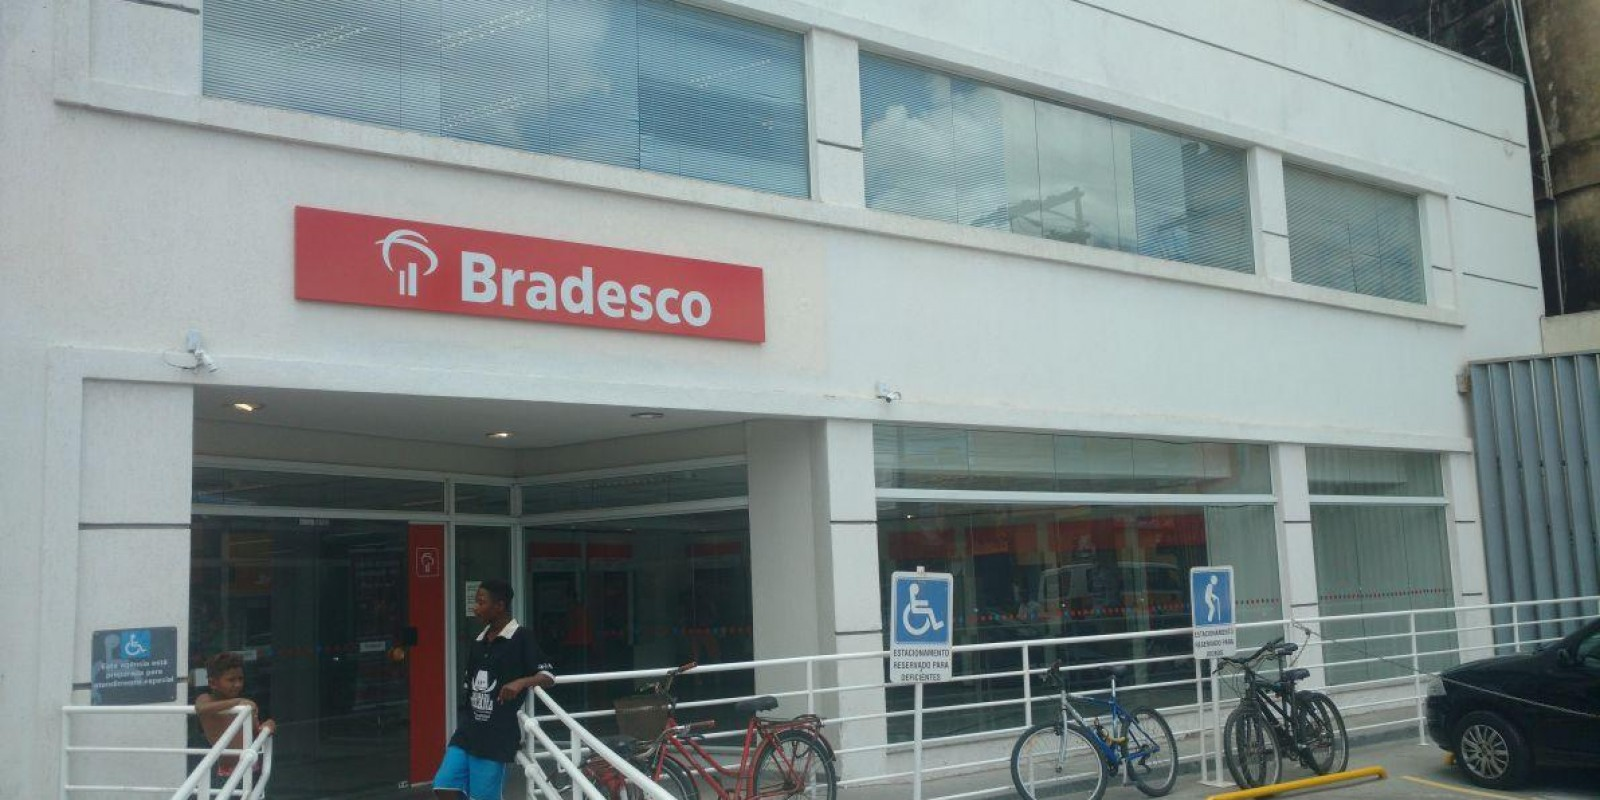 Bradesco apresenta saldo positivo na geração de emprego nos bancos em Macaé